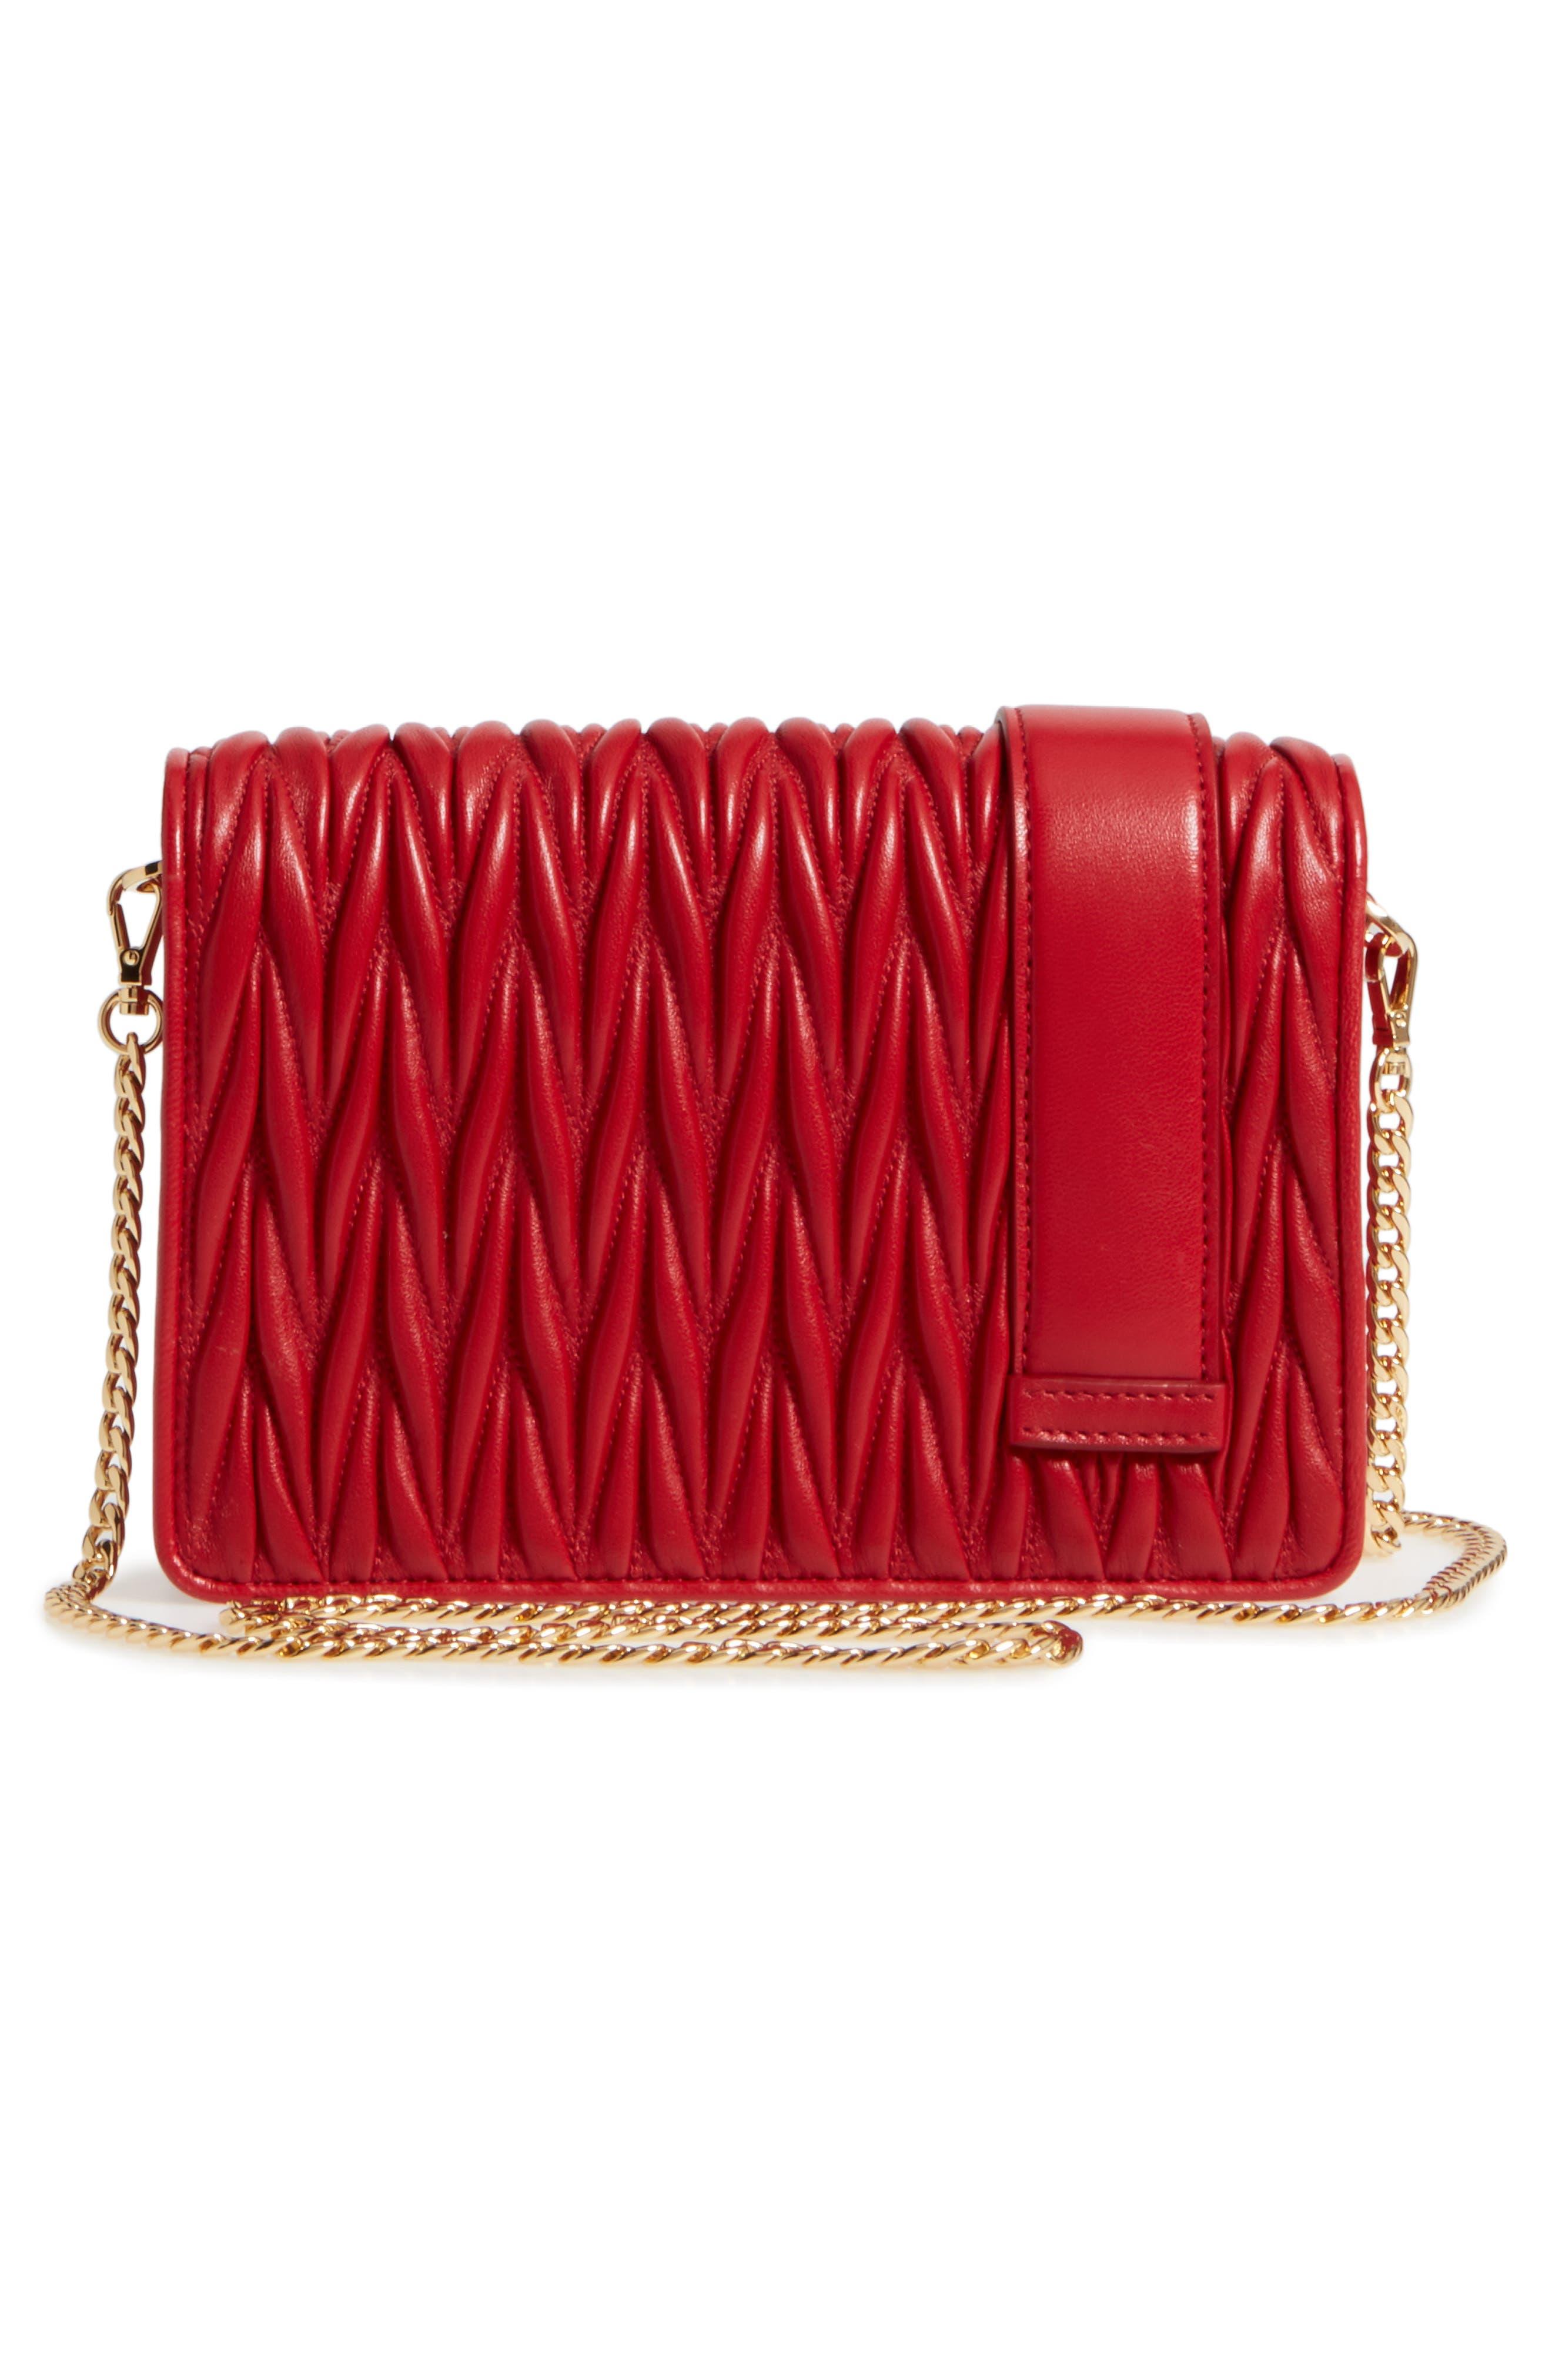 Matelassé Leather Shoulder Bag,                             Alternate thumbnail 3, color,                             Fuoco